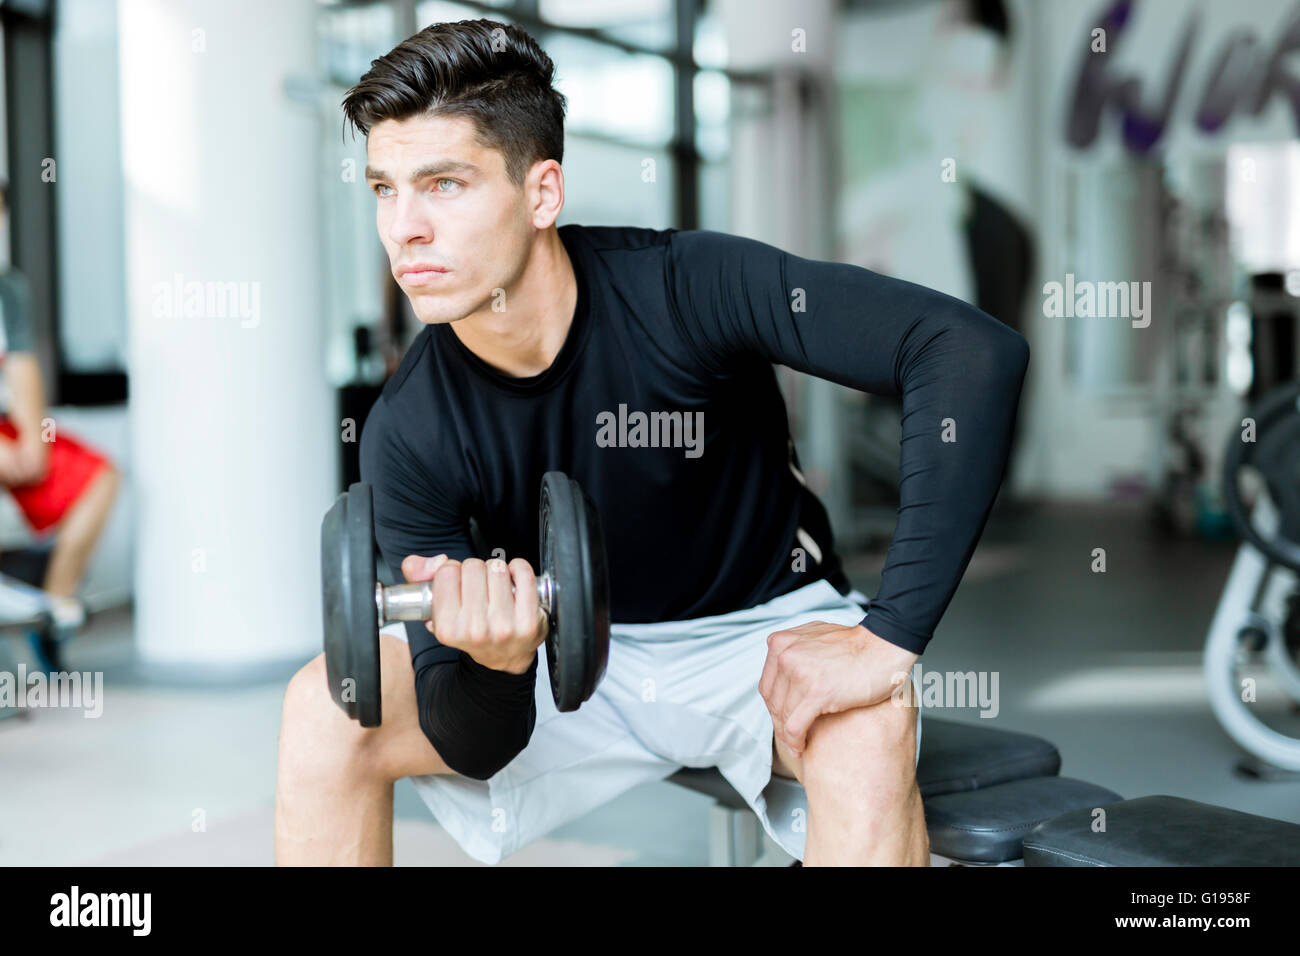 Giovane uomo bello la formazione in un centro fitness Immagini Stock